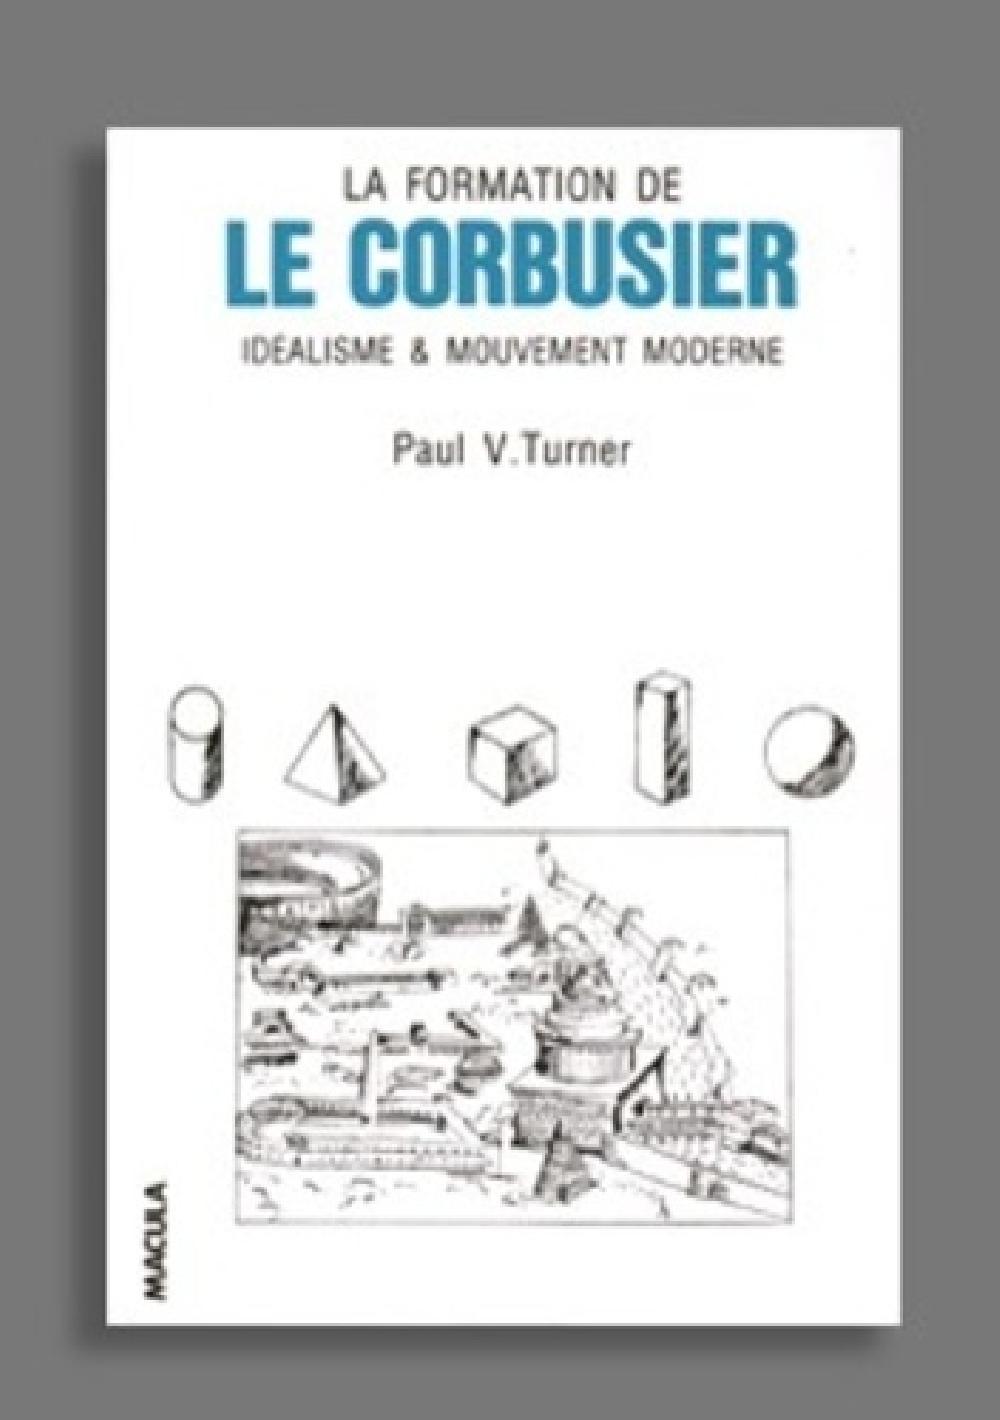 La formation de Le Corbusier